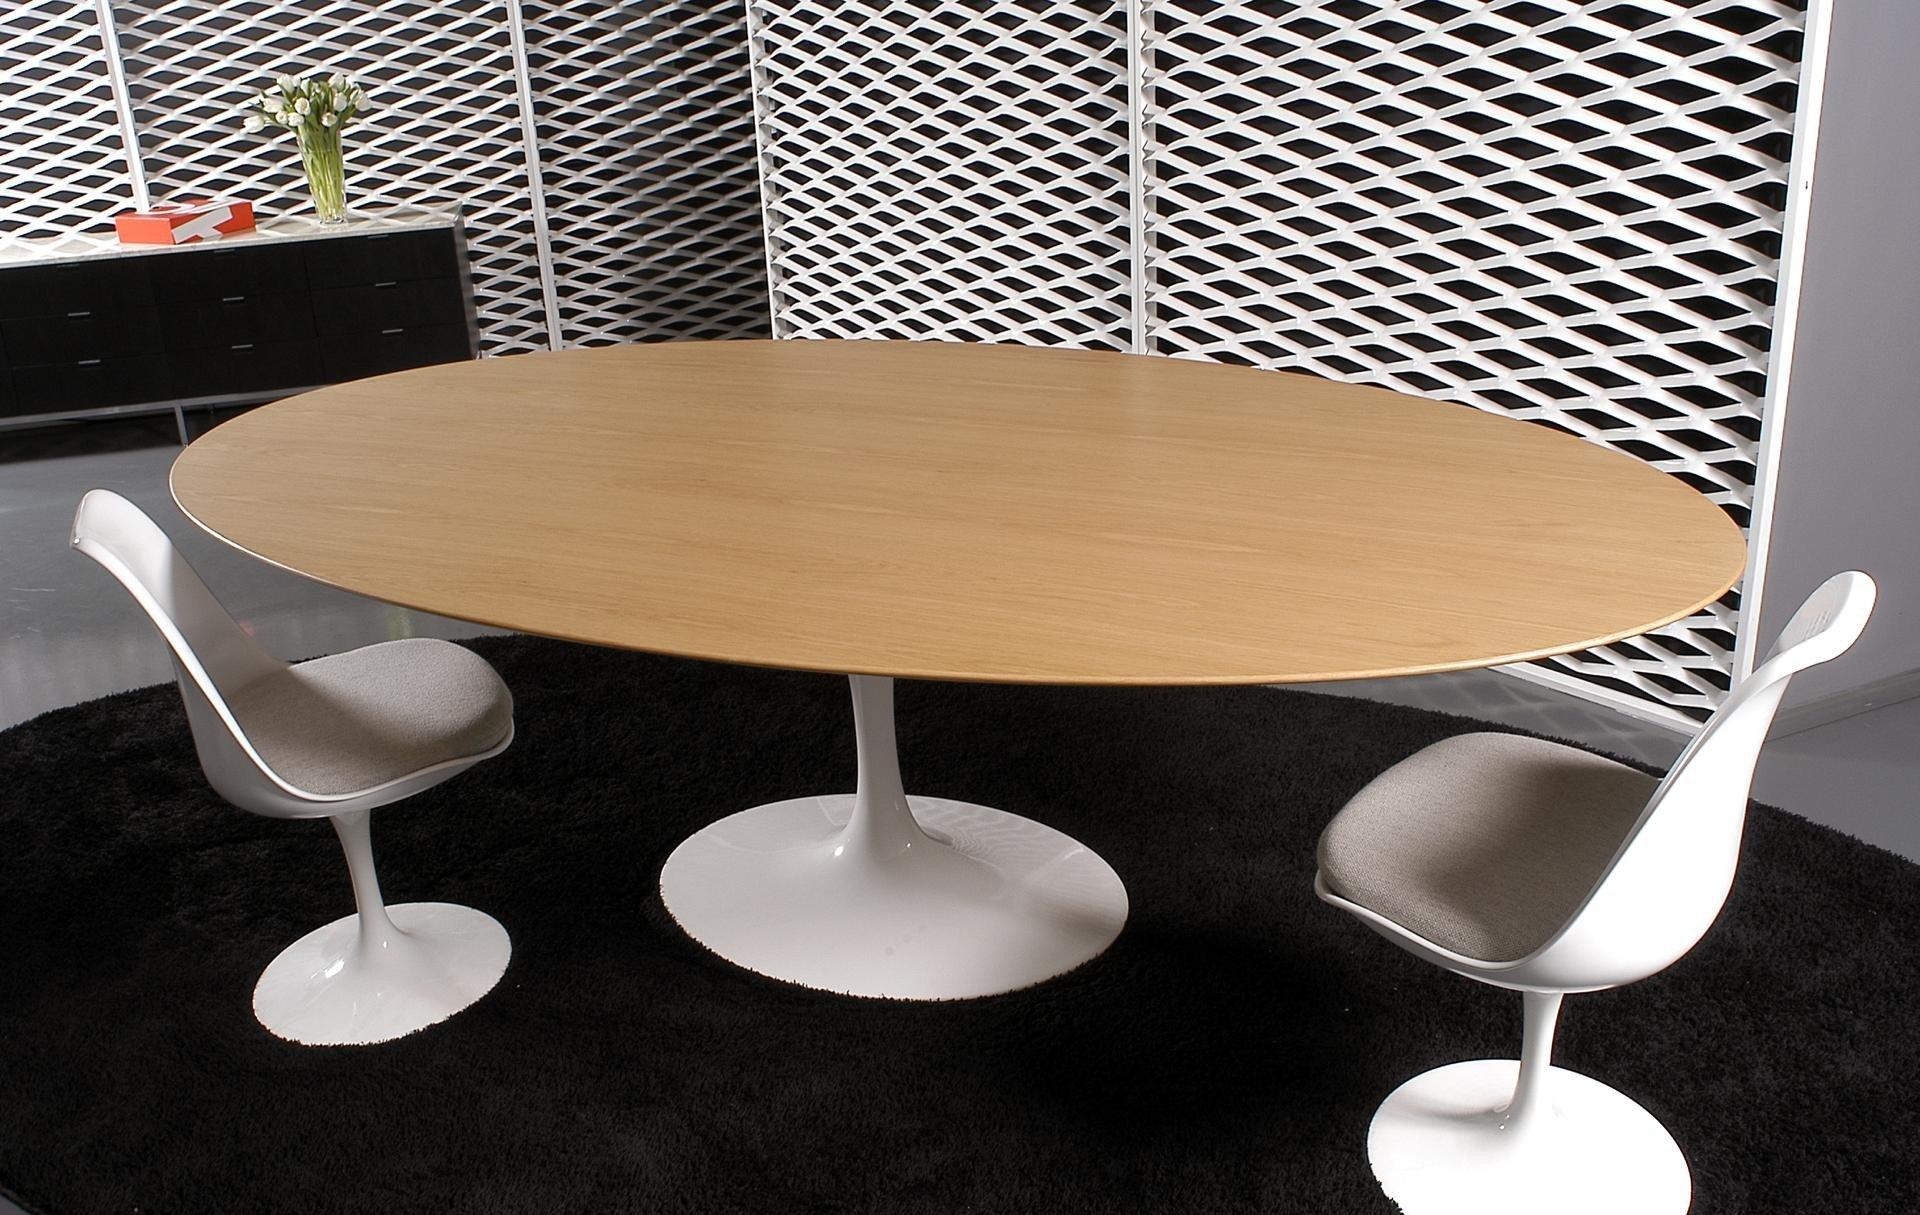 Tulipe Elliptical Dinning Table By Eero Saarinen White Oak  # Muebles Eero Saarinen